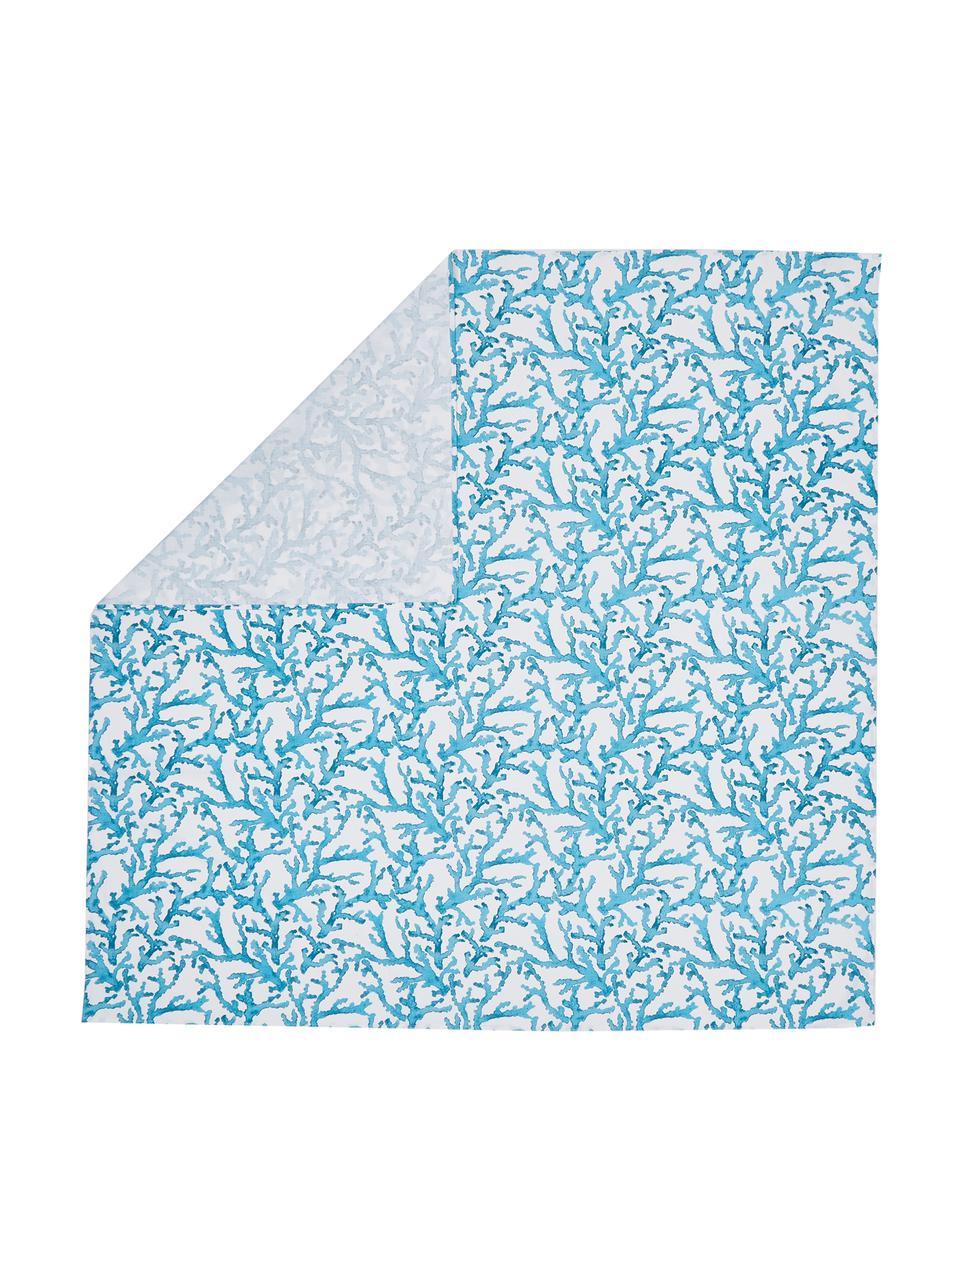 Tovaglia in cotone con stampa corallo Estran, Cotone, Blu, bianco, Per 4-6 persone (Larg.160 x Lung. 160 cm)